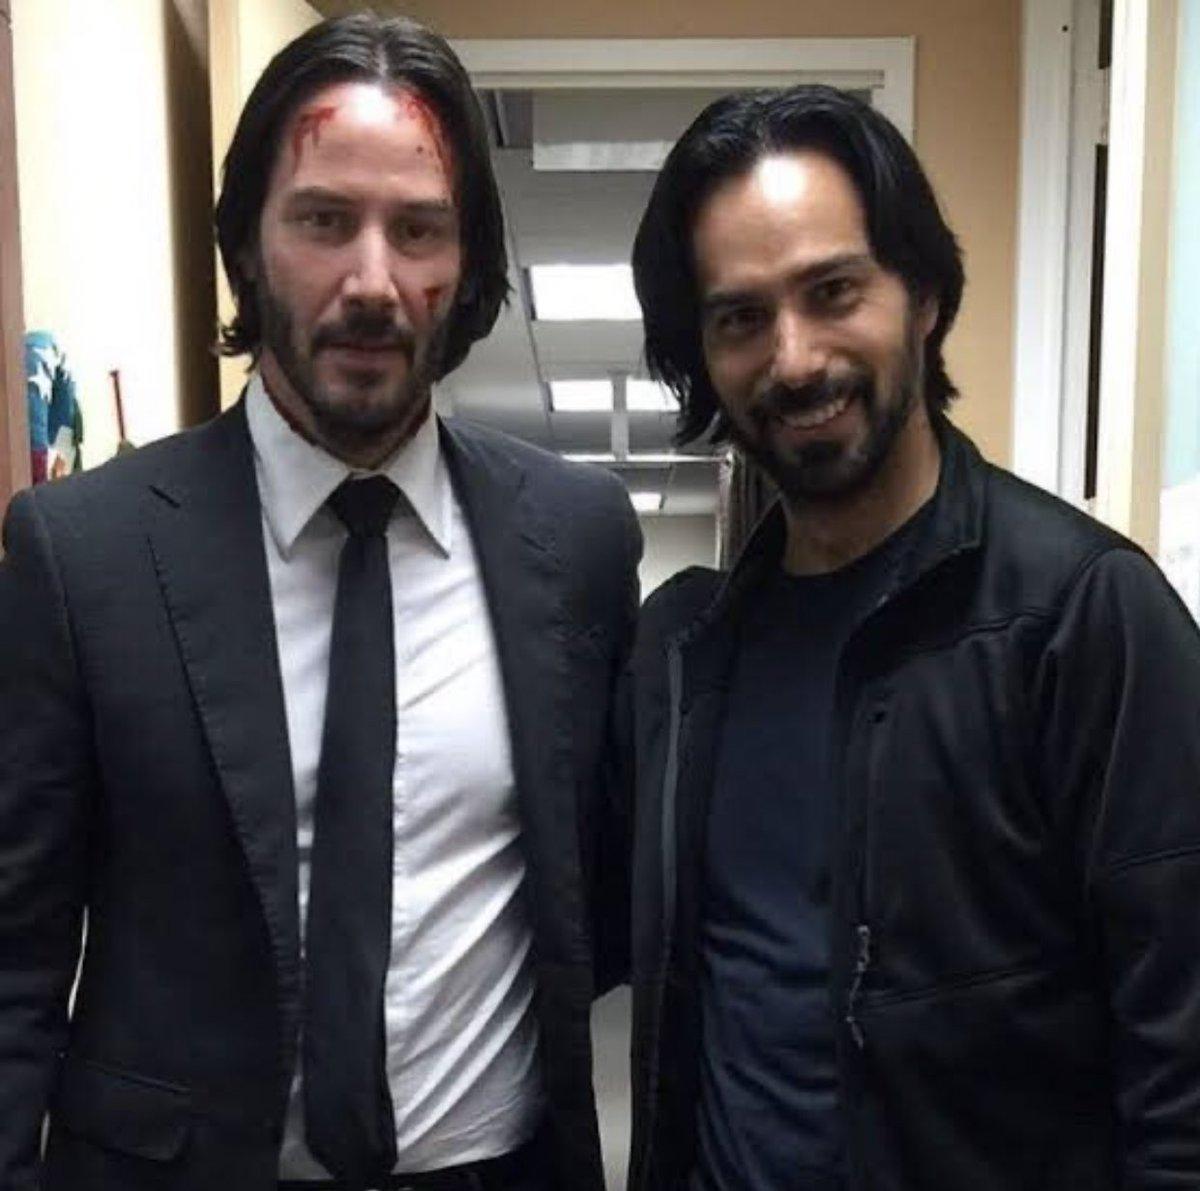 どことなく似ている。ハリウッド俳優とスタントマンが仲良く並んだツーショット写真。